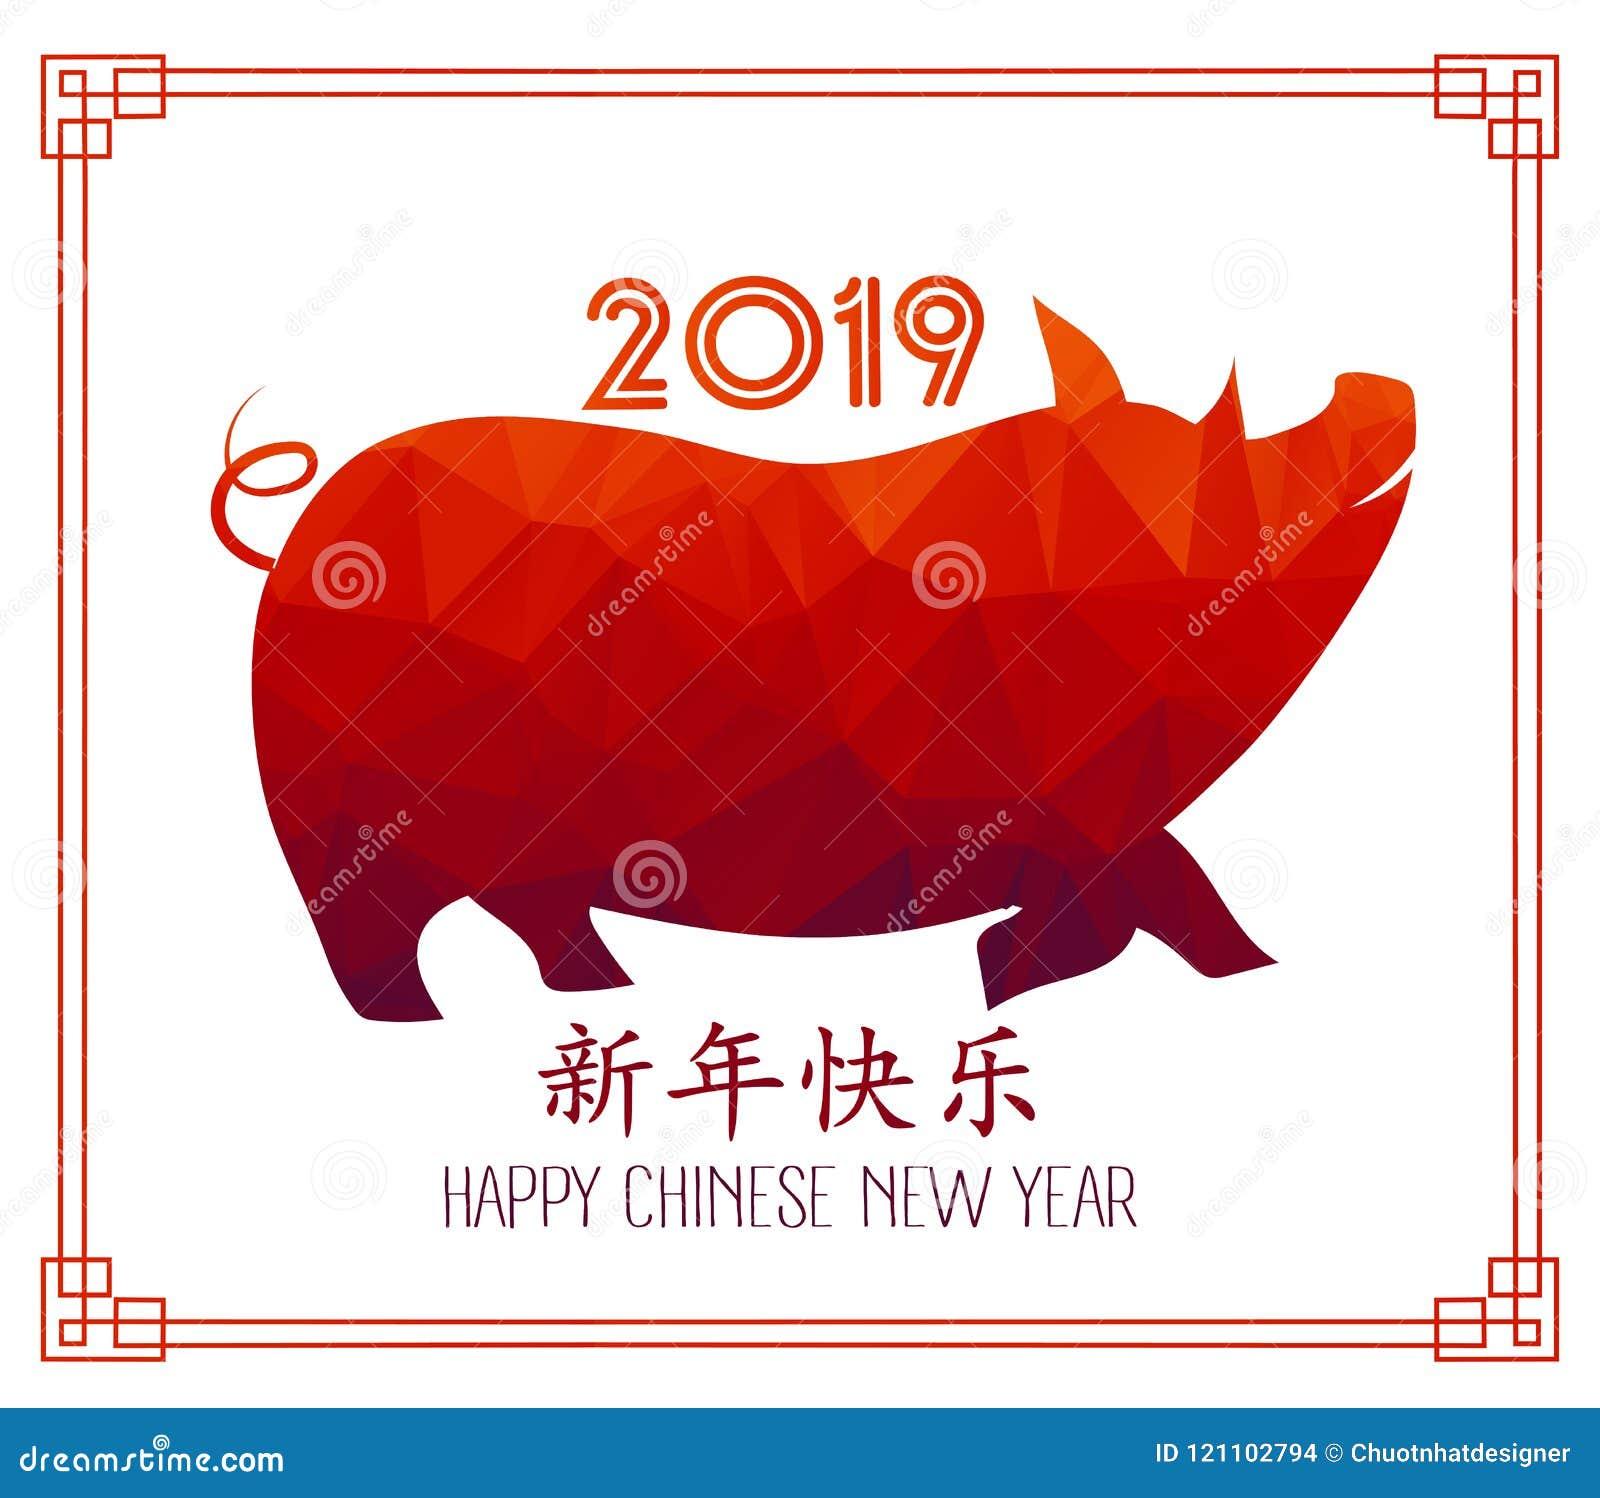 Conception polygonale de porc pour la célébration chinoise de nouvelle année, nouvelle année chinoise heureuse 2019 ans du porc M